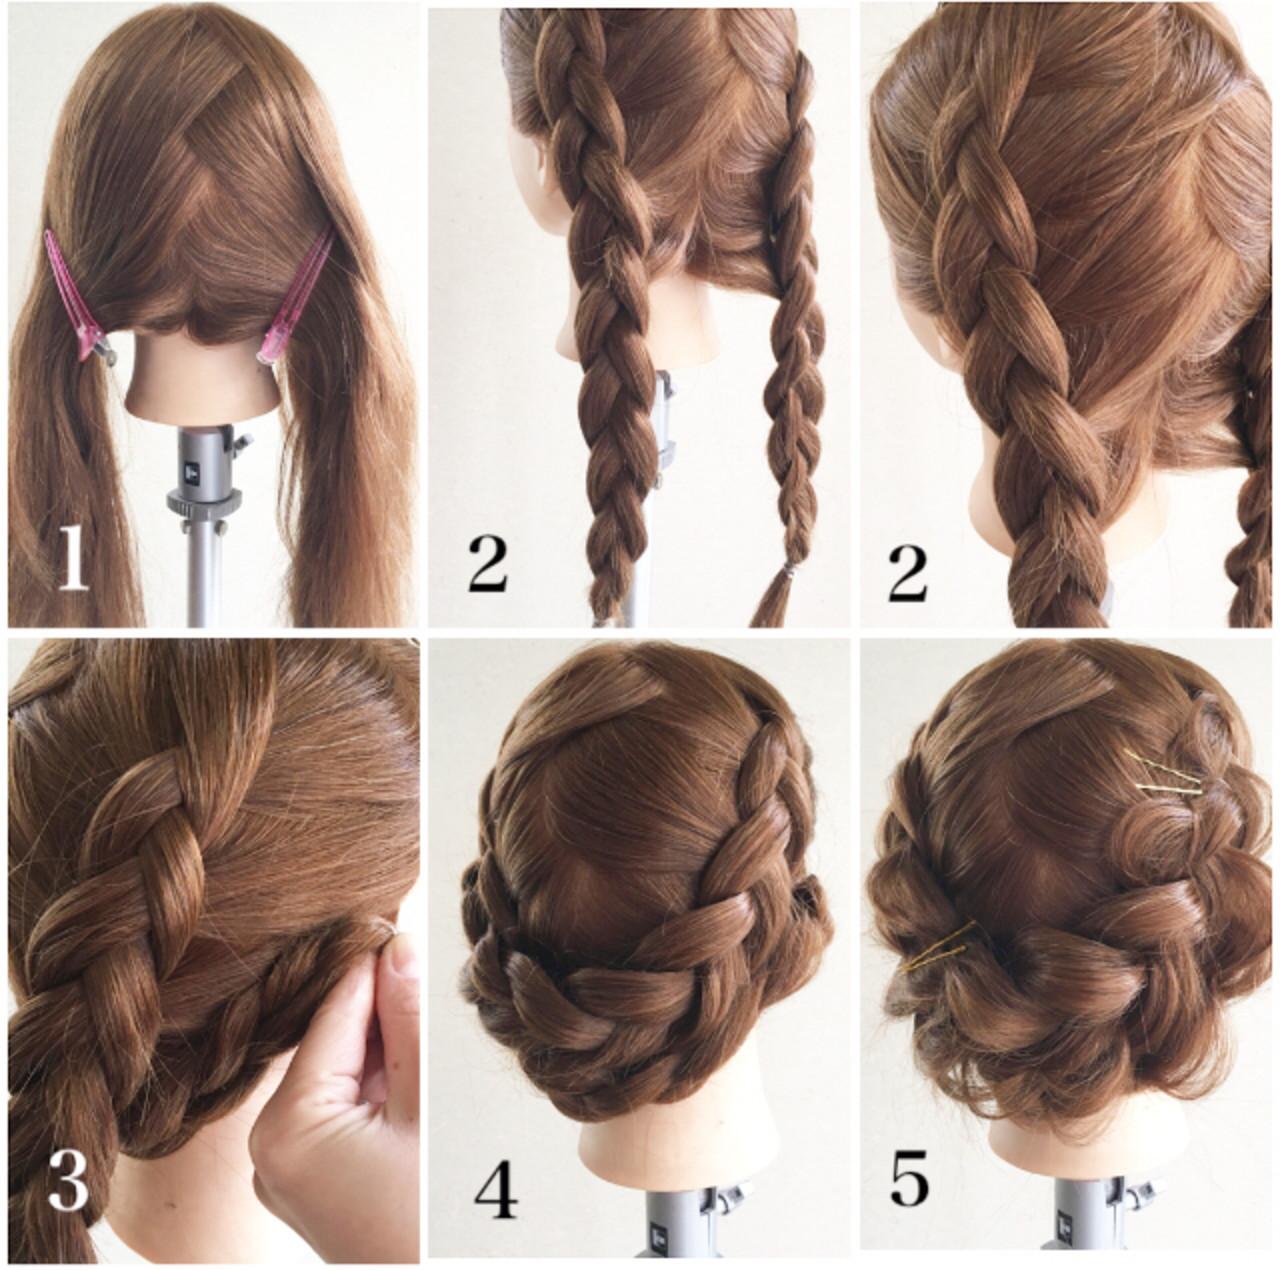 デート ヘアアレンジ アンニュイほつれヘア 裏編み込み ヘアスタイルや髪型の写真・画像